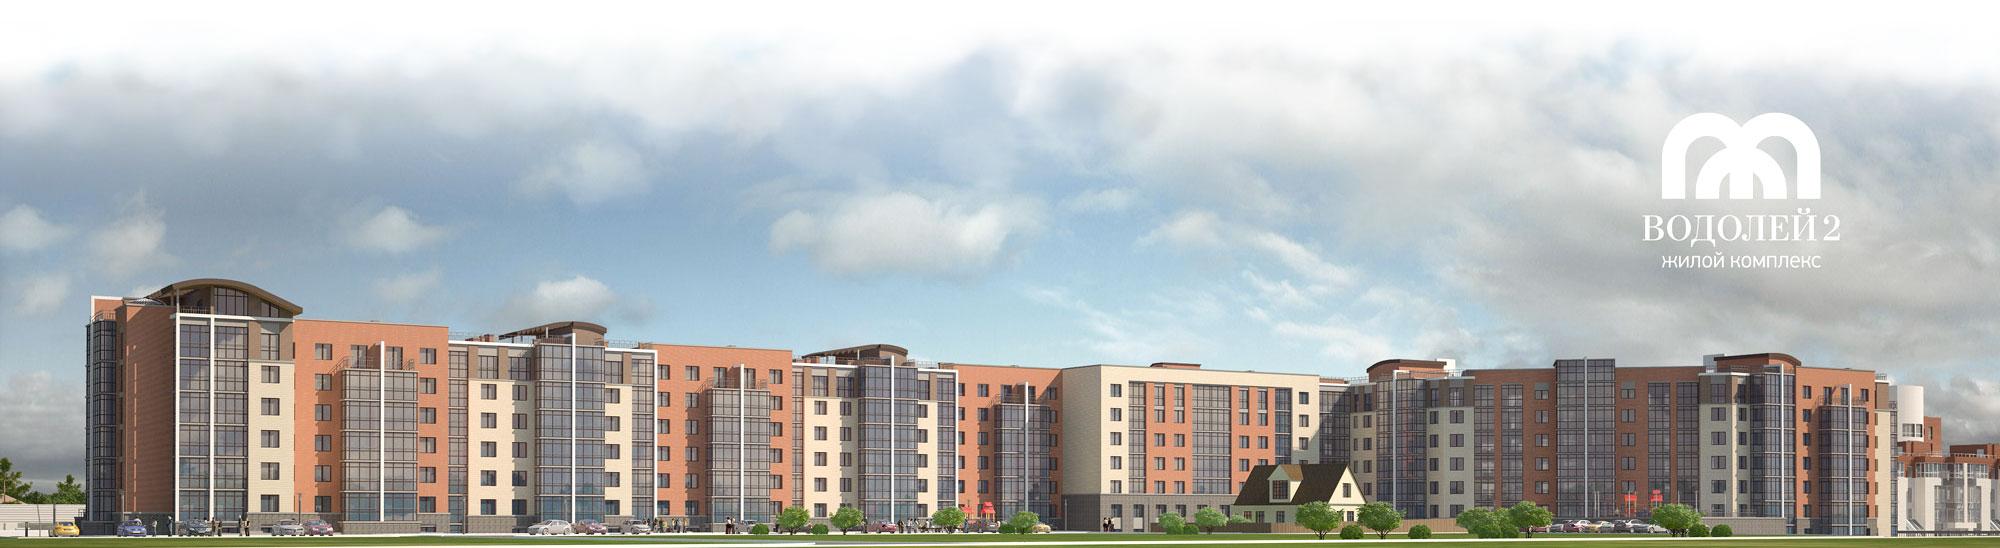 Фирменный стиль жилого комплекса «Водолей2»